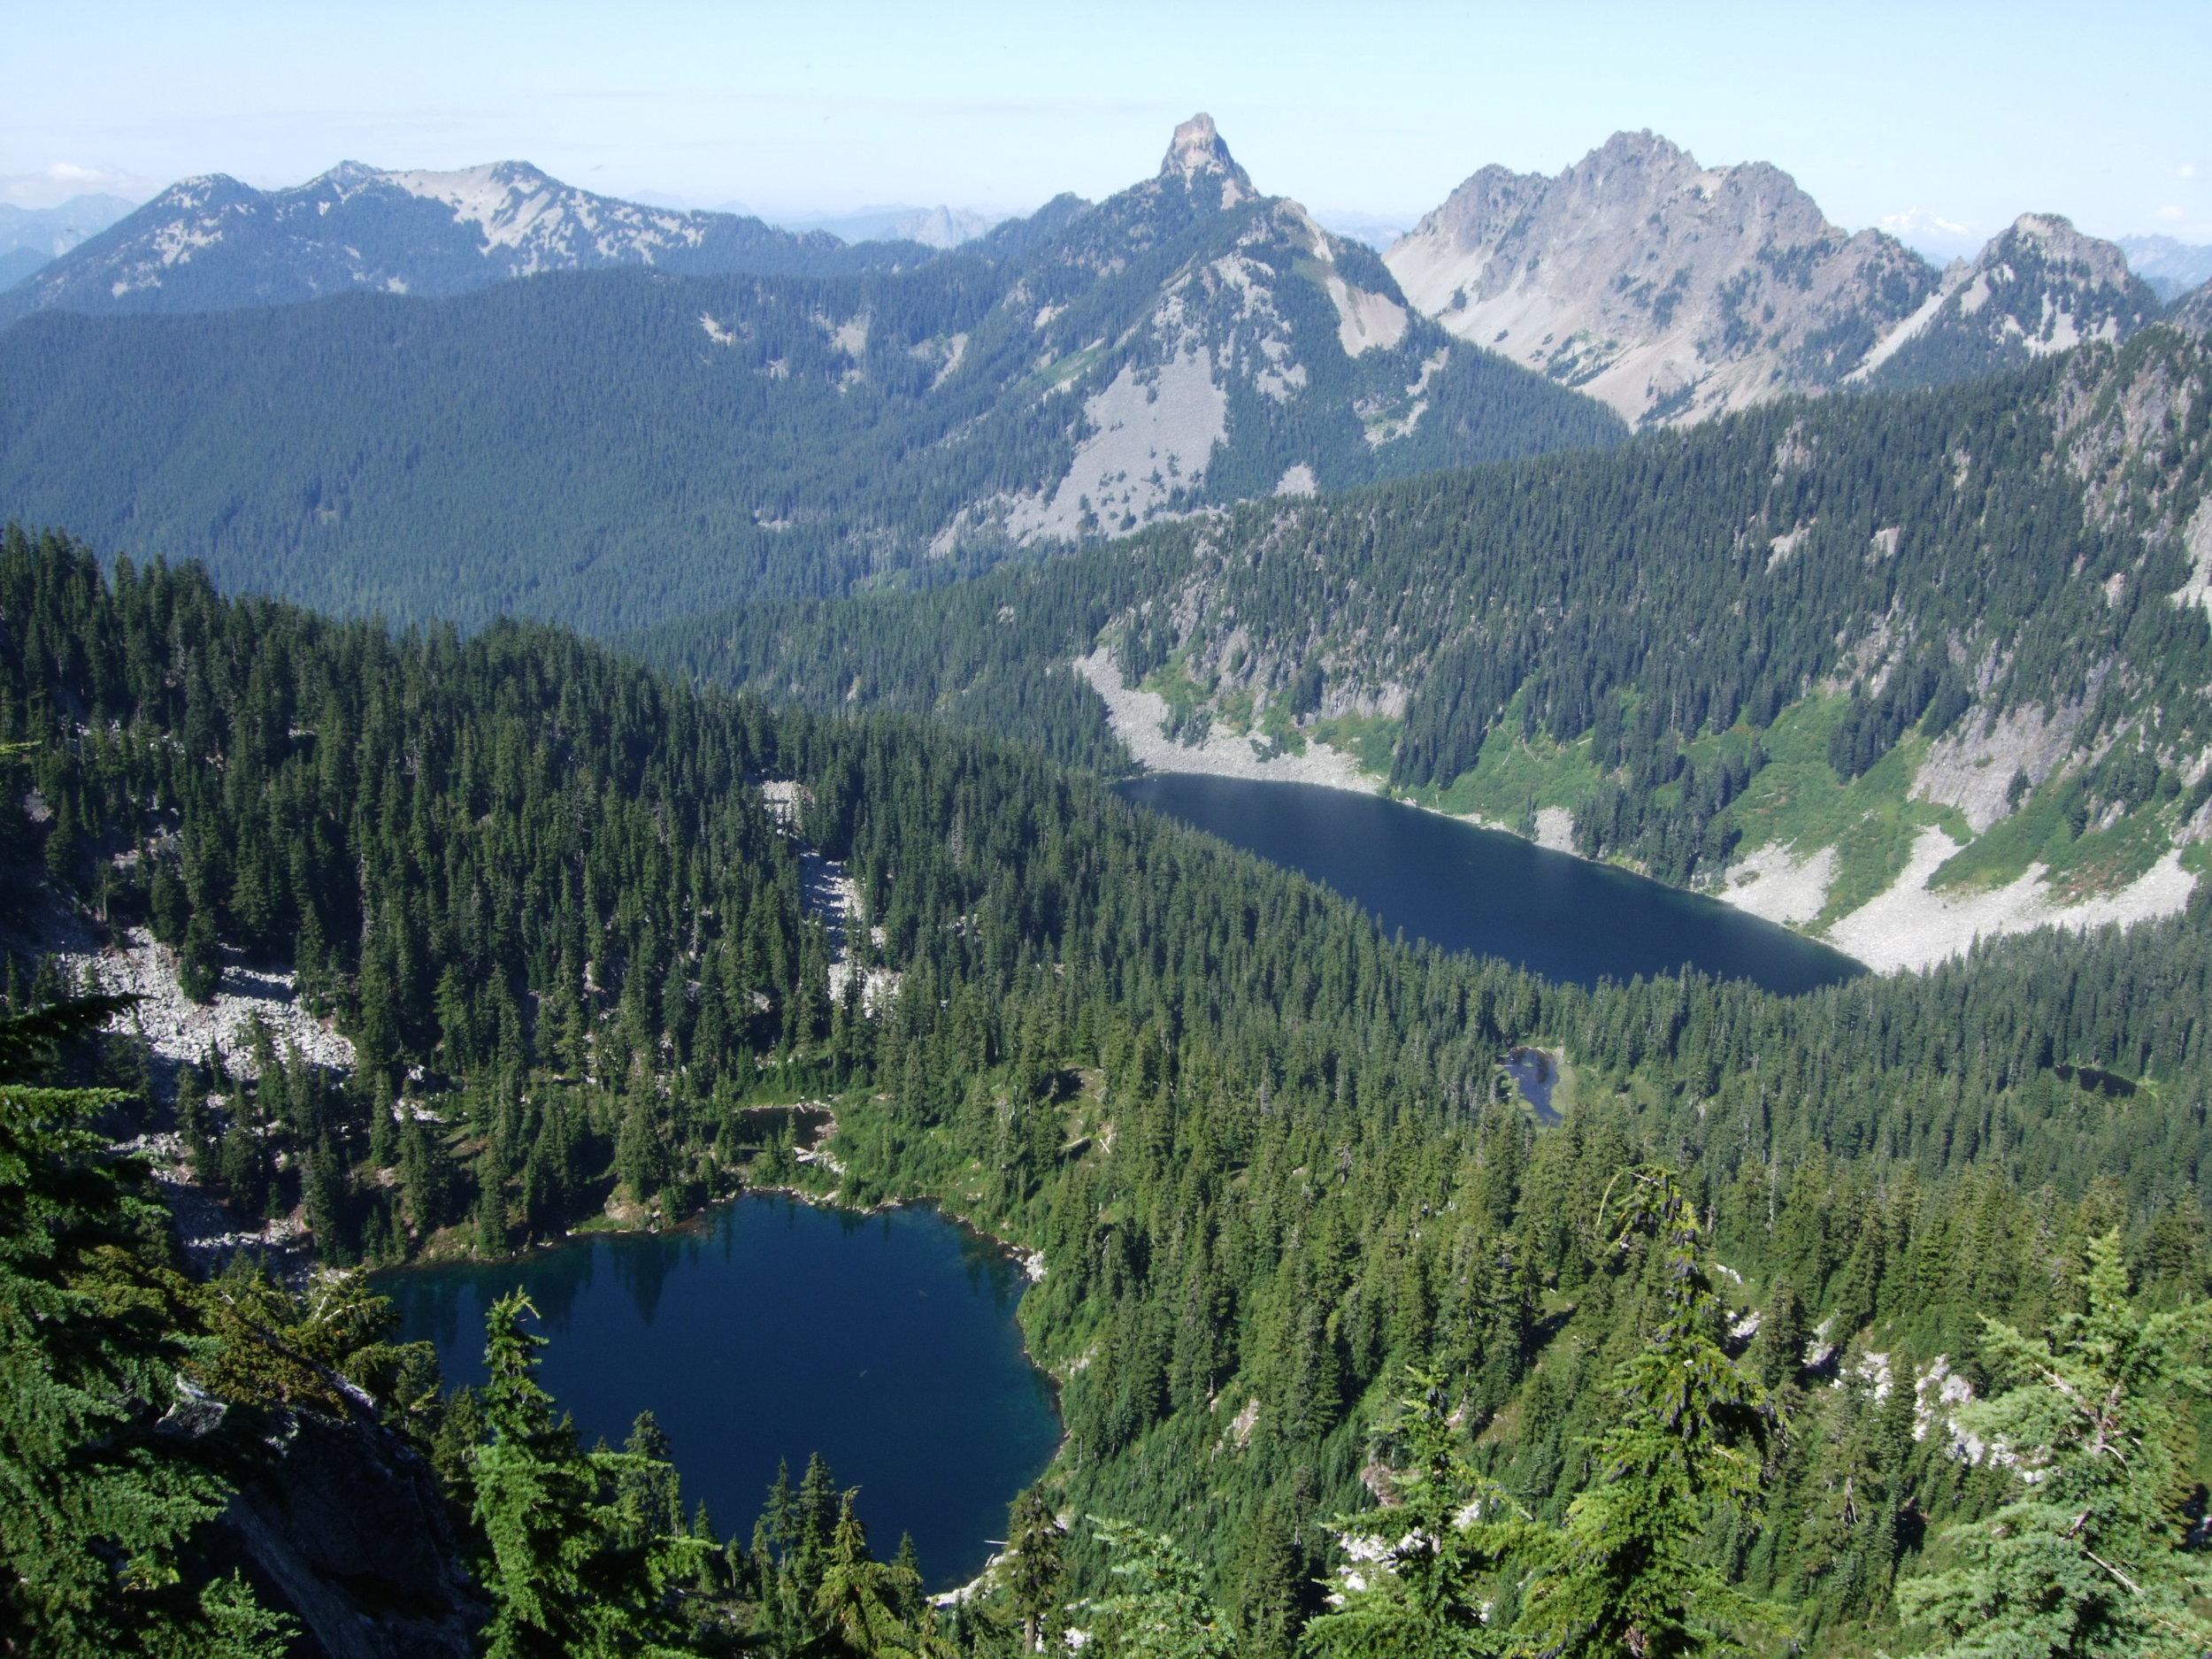 Pratt & Talapus Lakes from Granite Mountain, September 2013